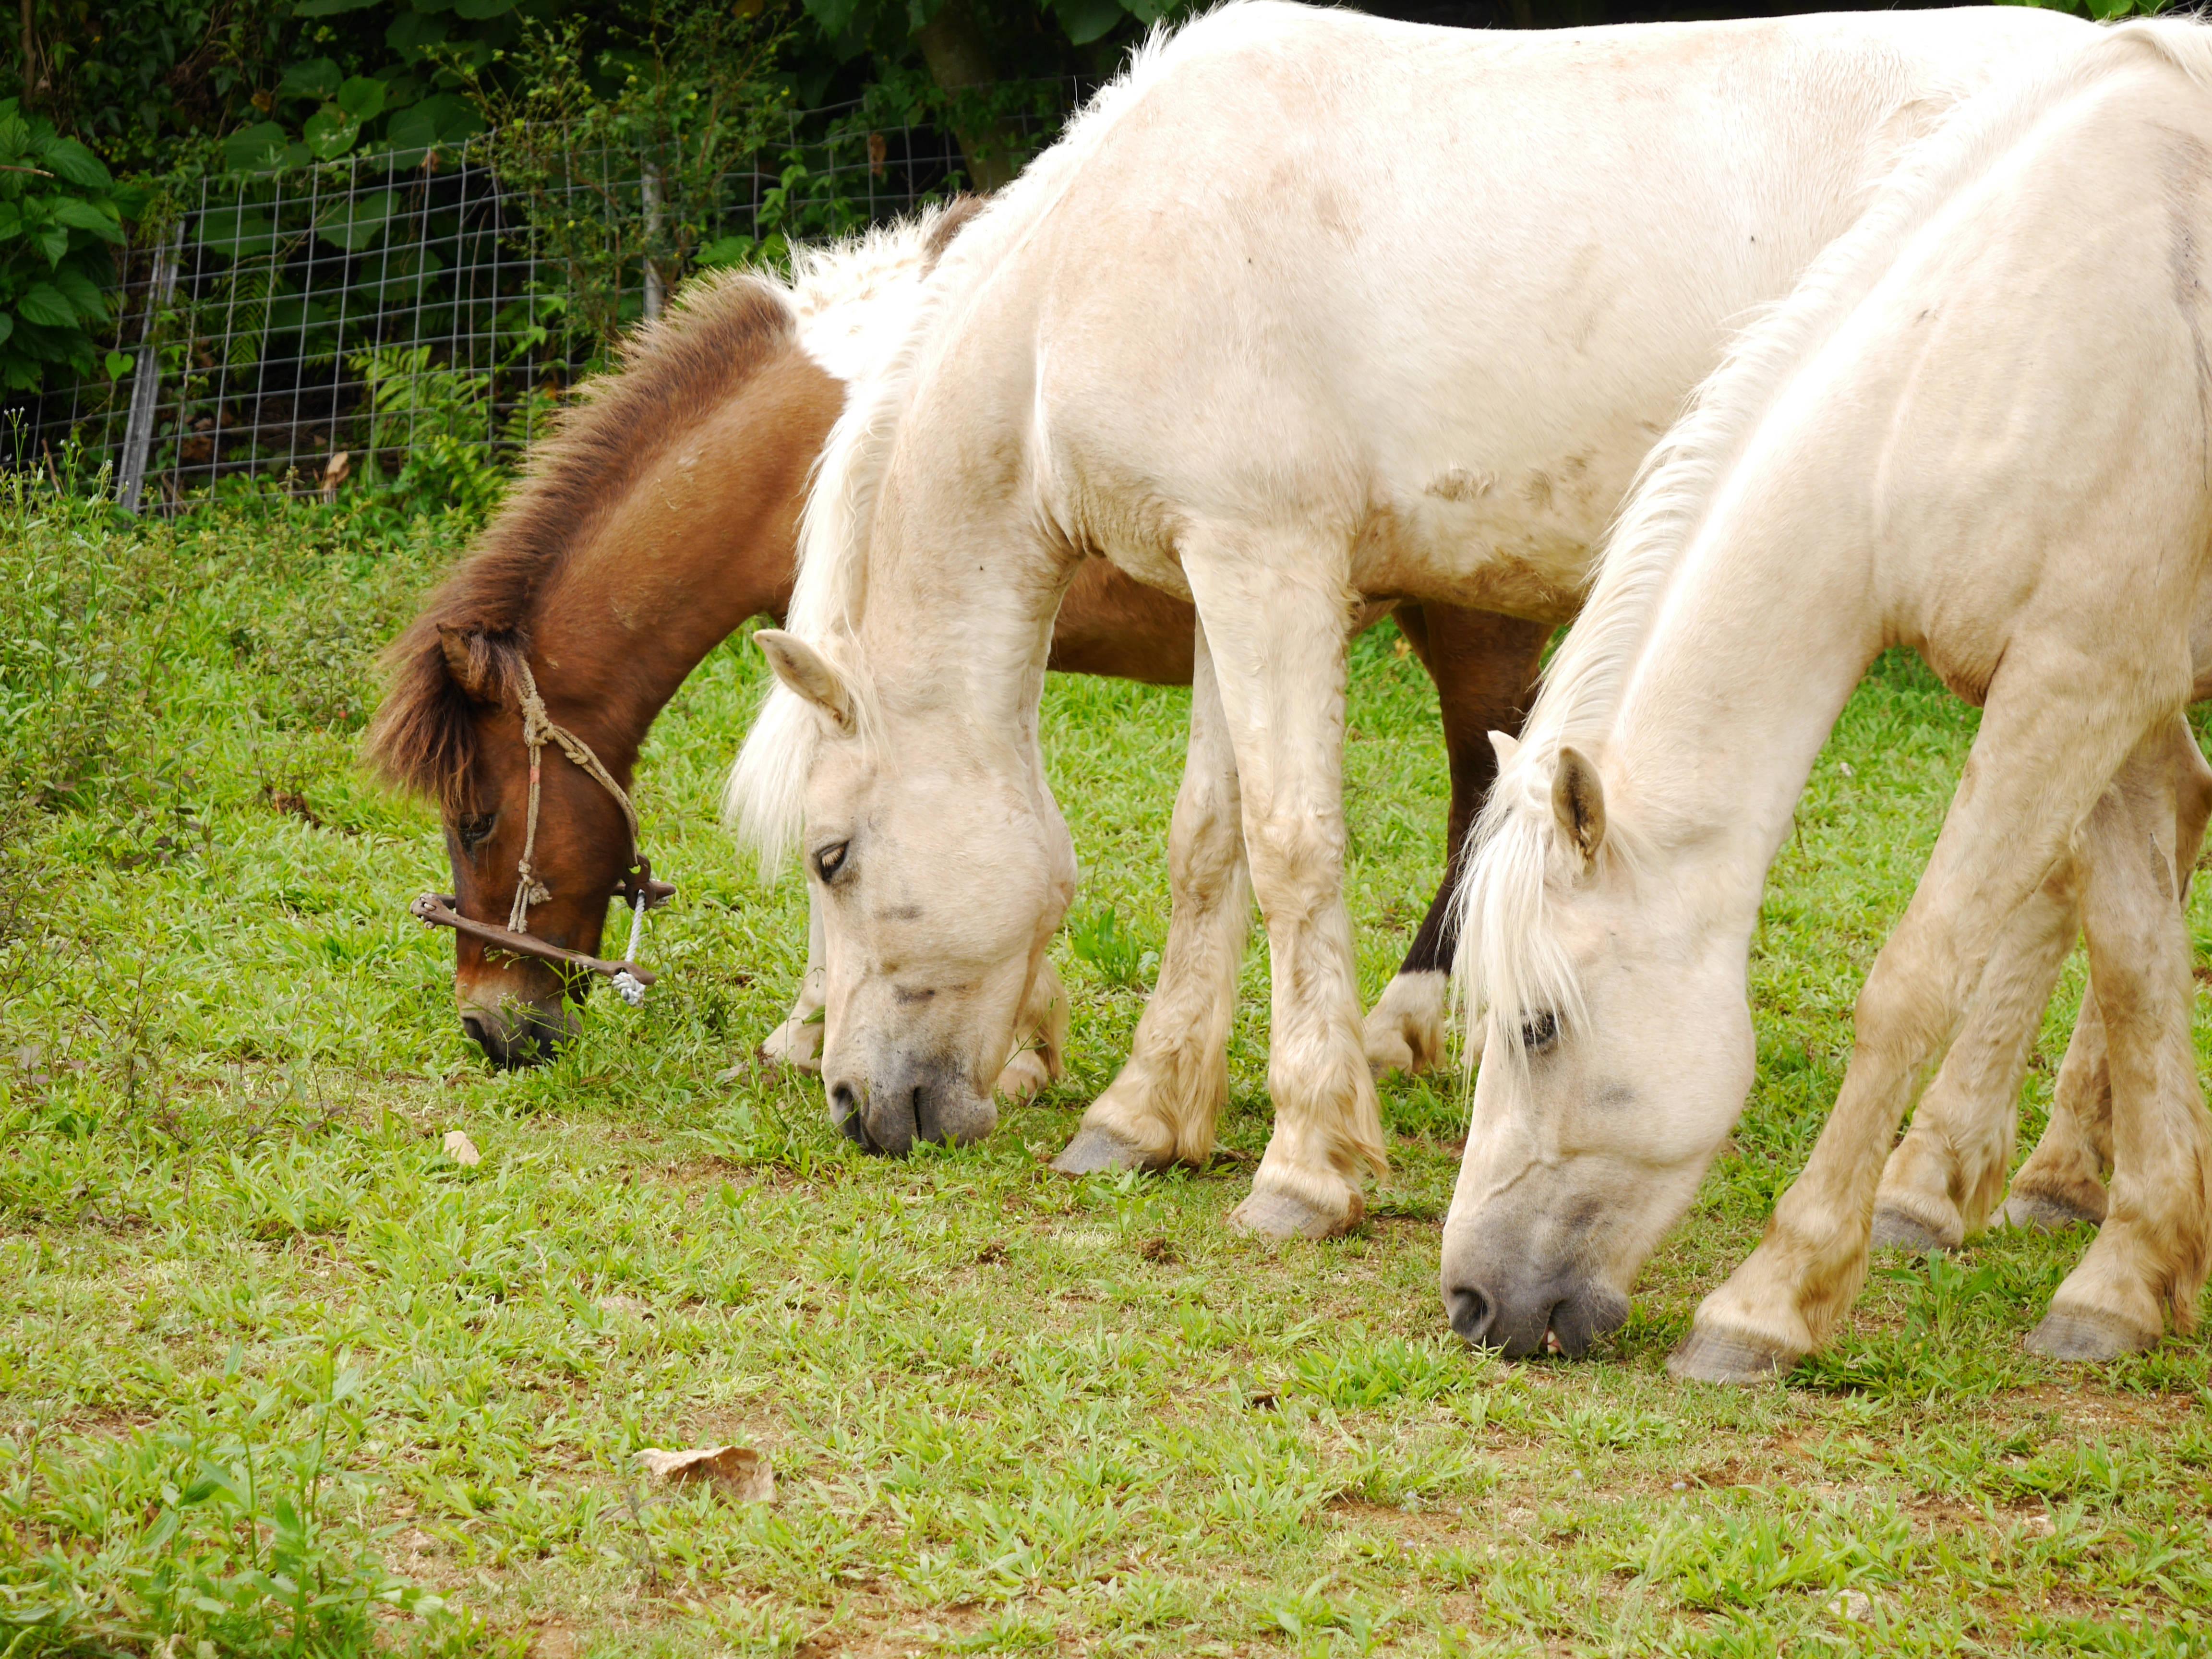 南は沖縄、北は北海道まで、日本在来種の血統をもつ馬たちが迎えてくれる